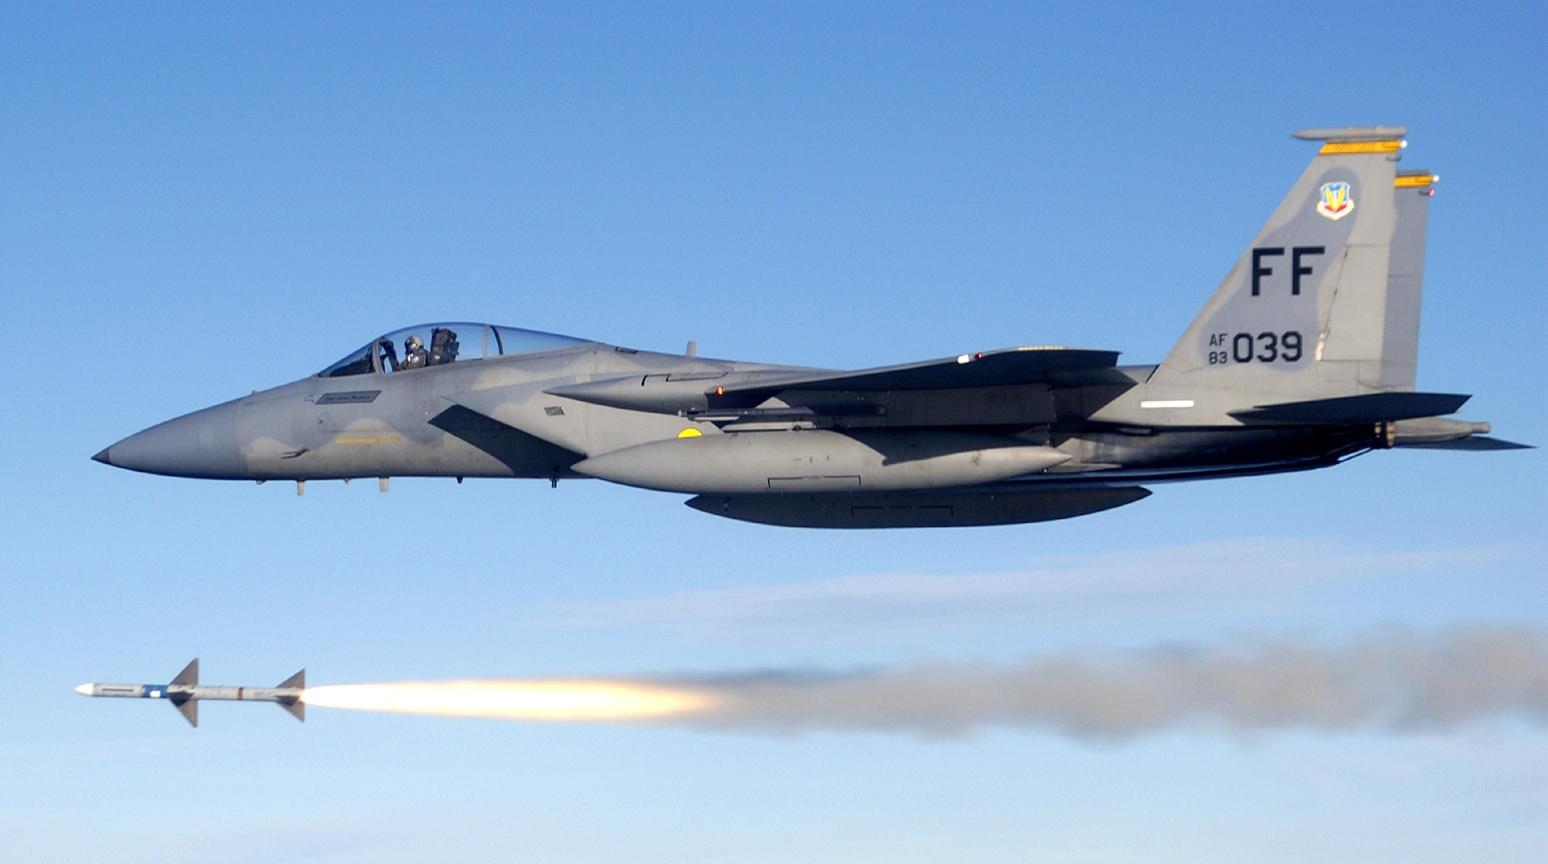 Acima: Embora o antigo míssil AIM-7M Sparrow lançado de um F-15C Eagle tenha sido substituído pelo mais moderno AIM-120 AMRAAM, ainda é possível ver alguns F-15 operando com essas armas.